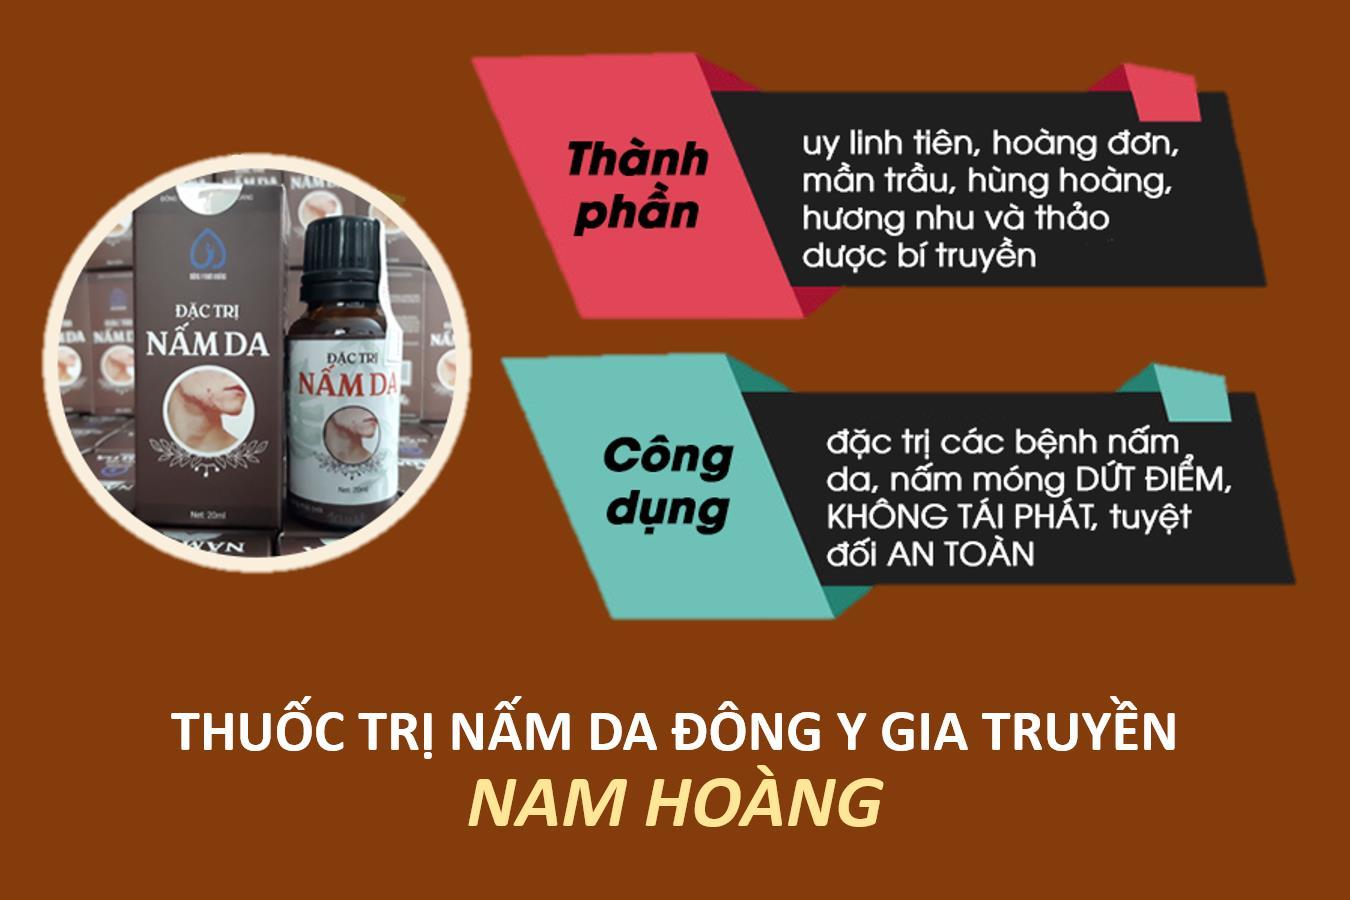 Thuốc trị nấm da đông y Nam Hoàng